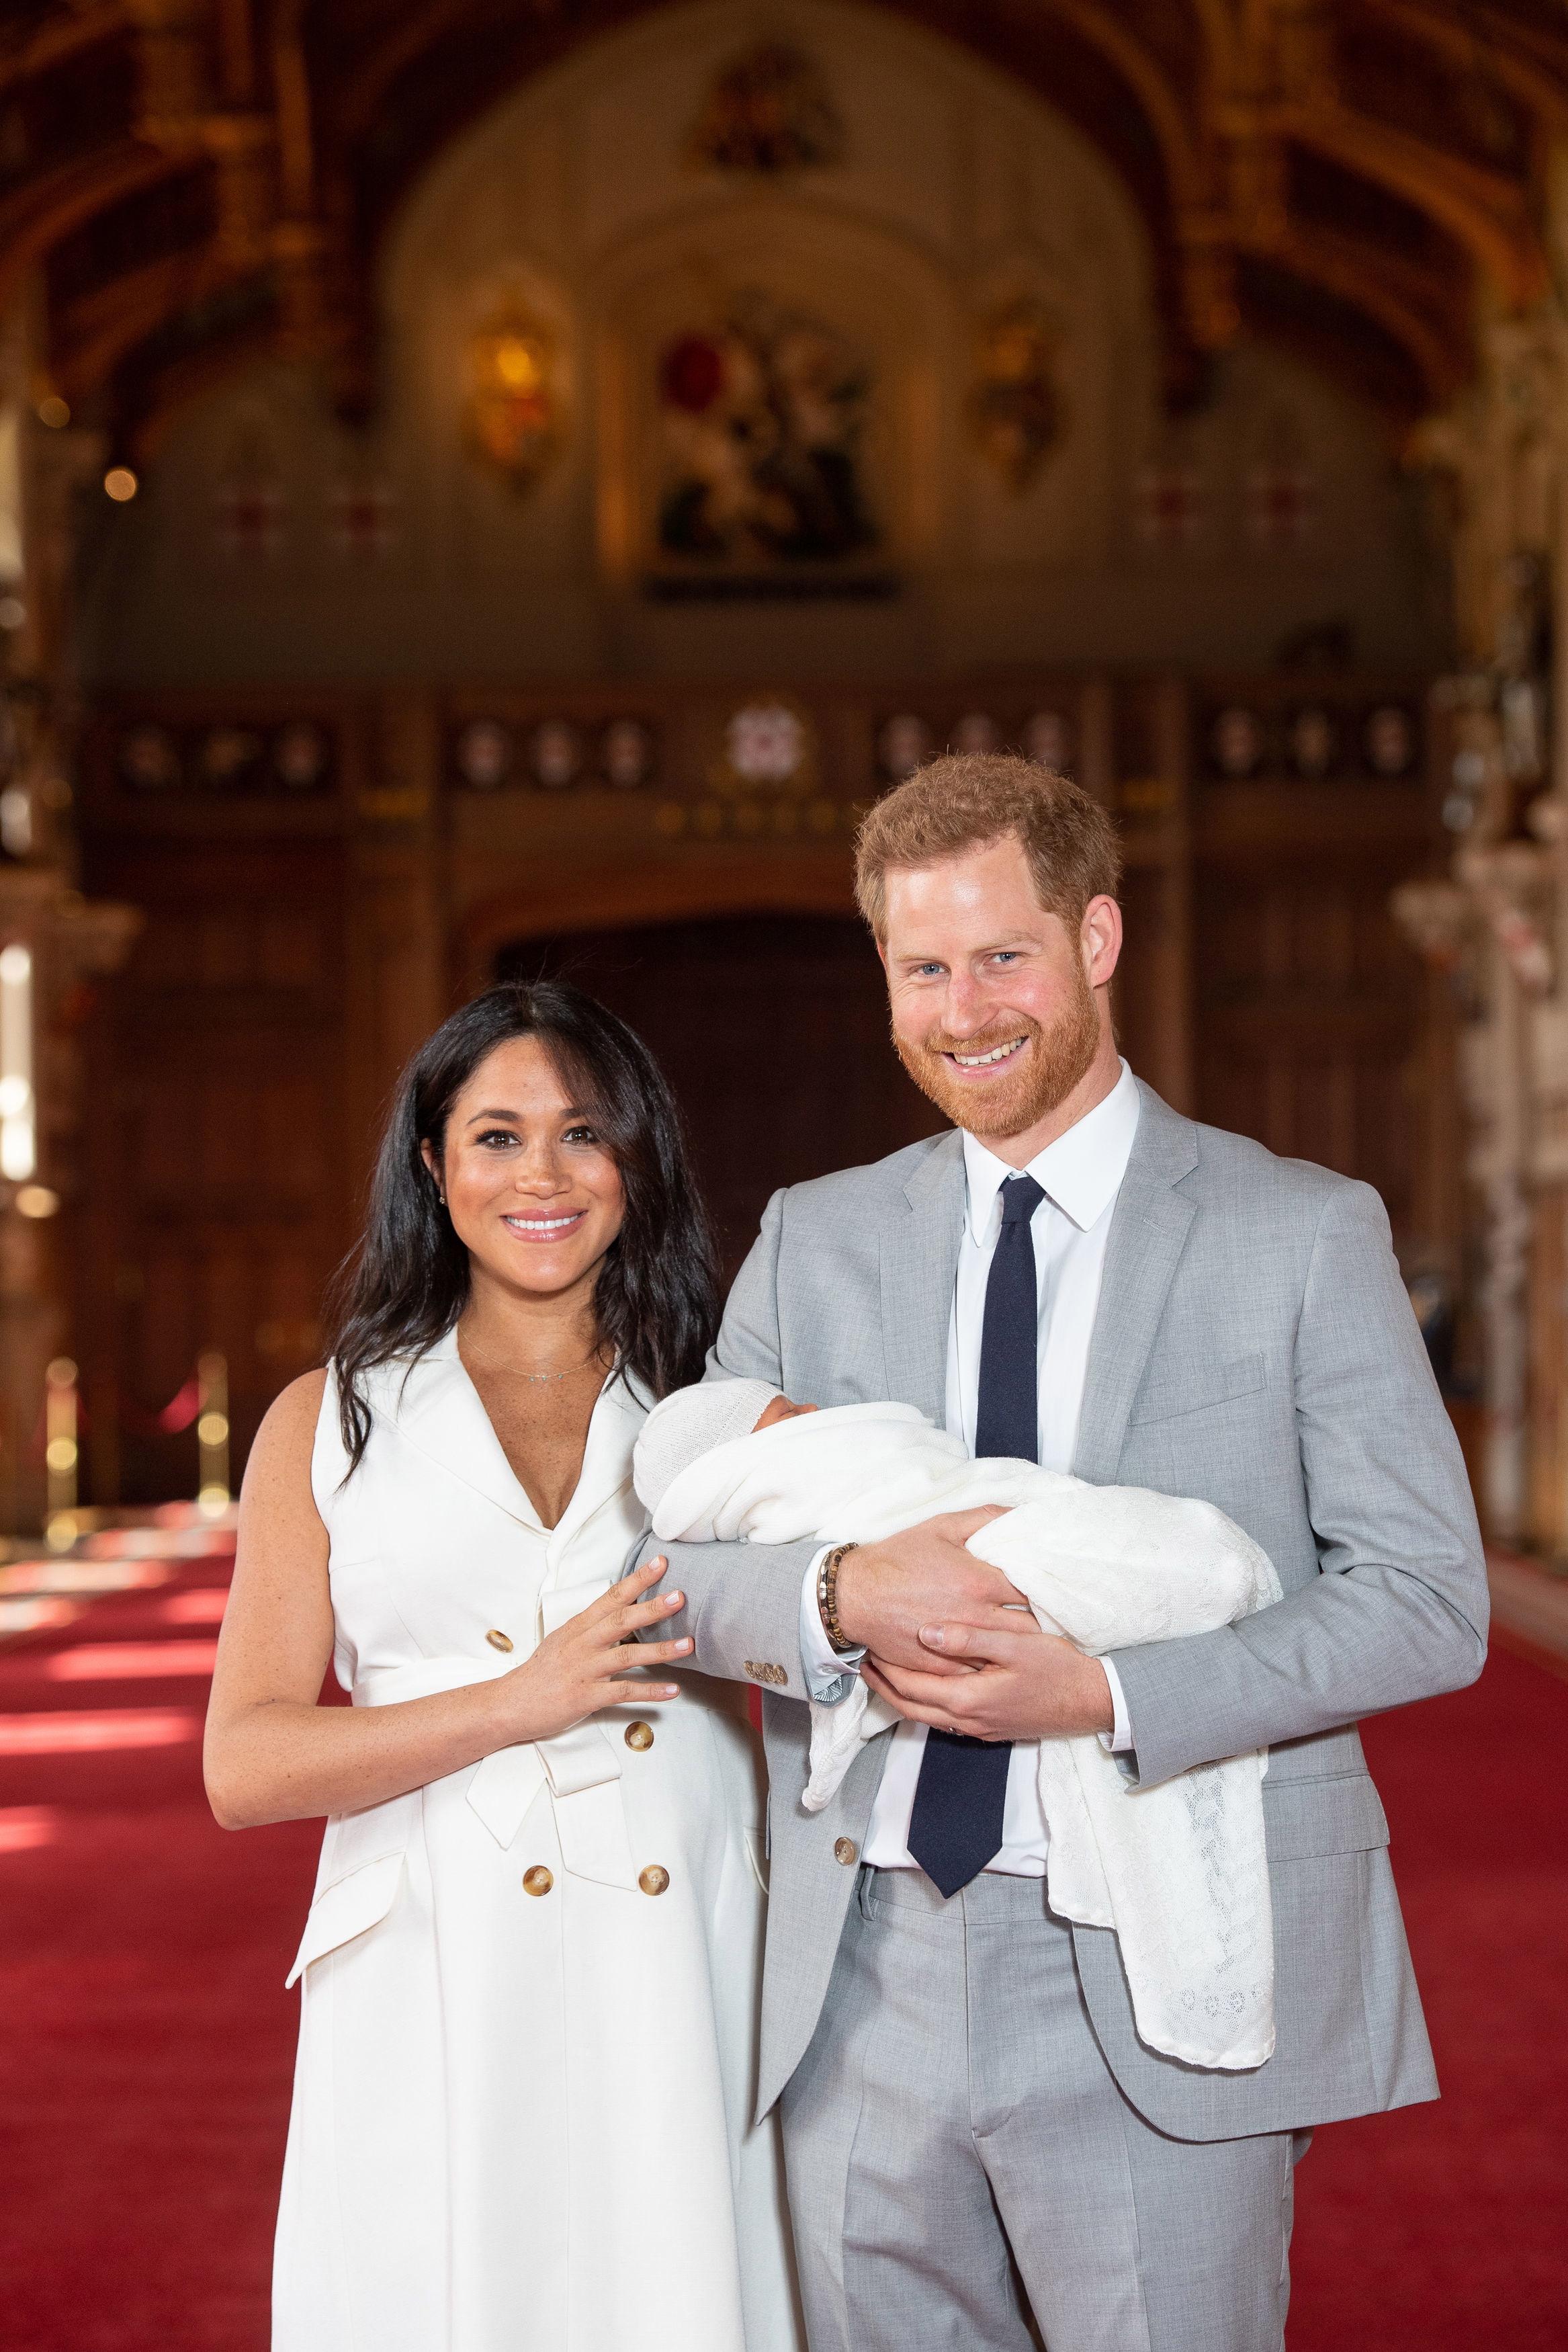 """След това двамата родители се засмяха и принц Хари каза, """"ние знаем от кого от двамата е взел това"""".<br /> Двойката потвърди, че ще представят по-късно днес на Кралицата нейното осмо и най-малко правнуче по-късно."""